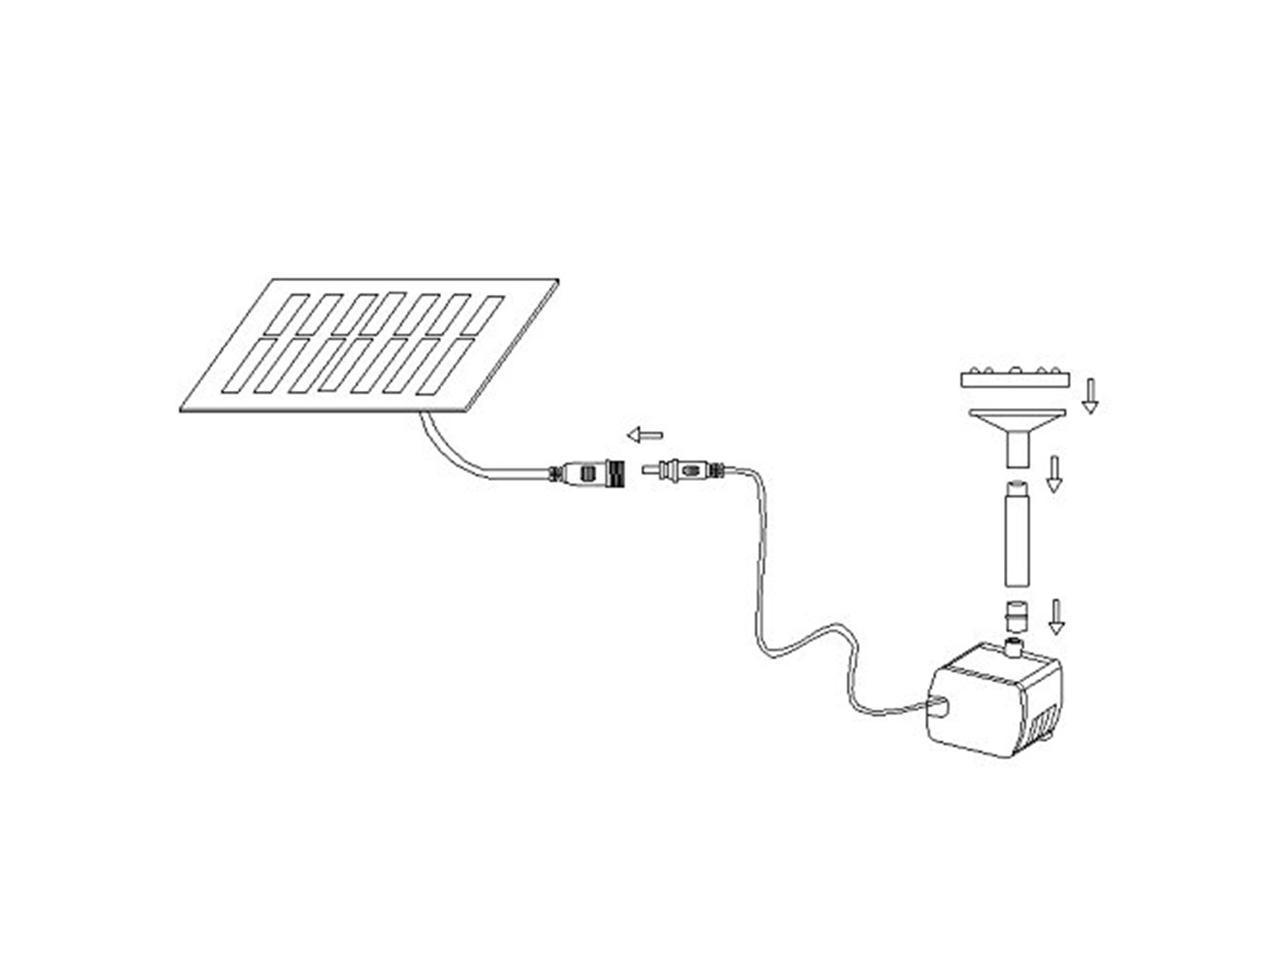 Solar Water Pump Kit 10w 9 8ft Wire Long W 7 Sprinkler